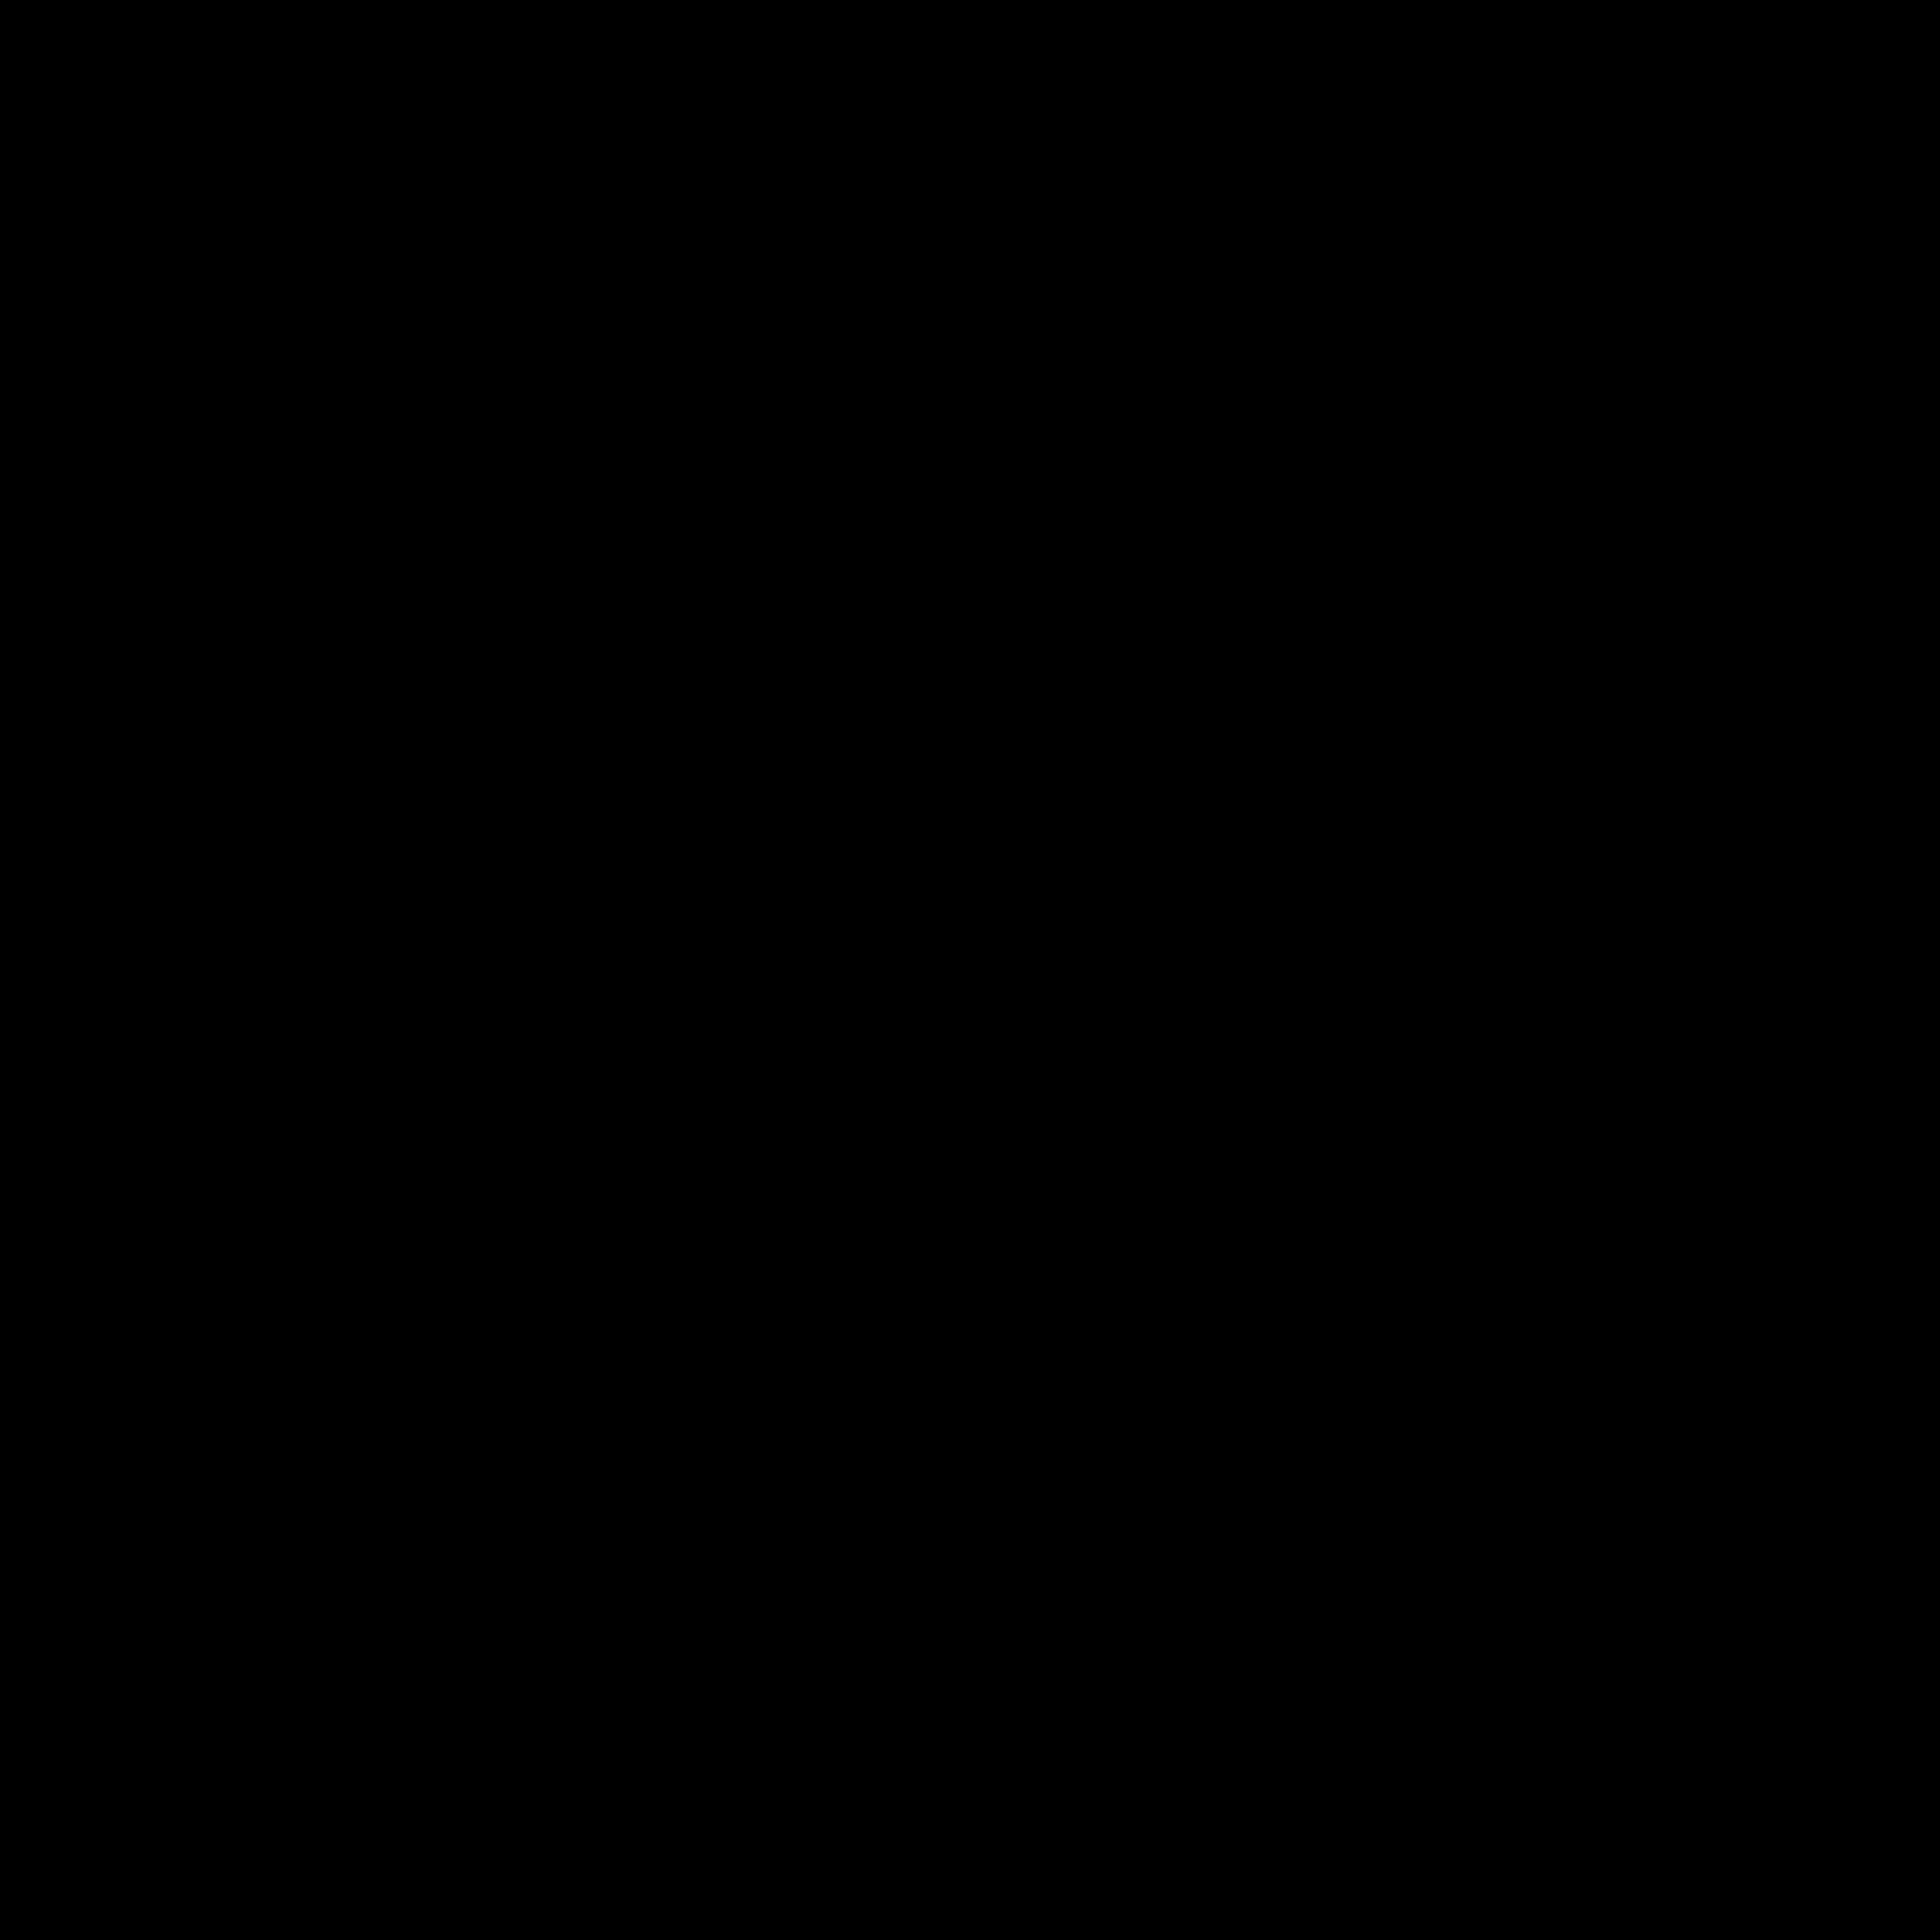 LVM Versicherung Marko Beylich - Versicherungsagentur